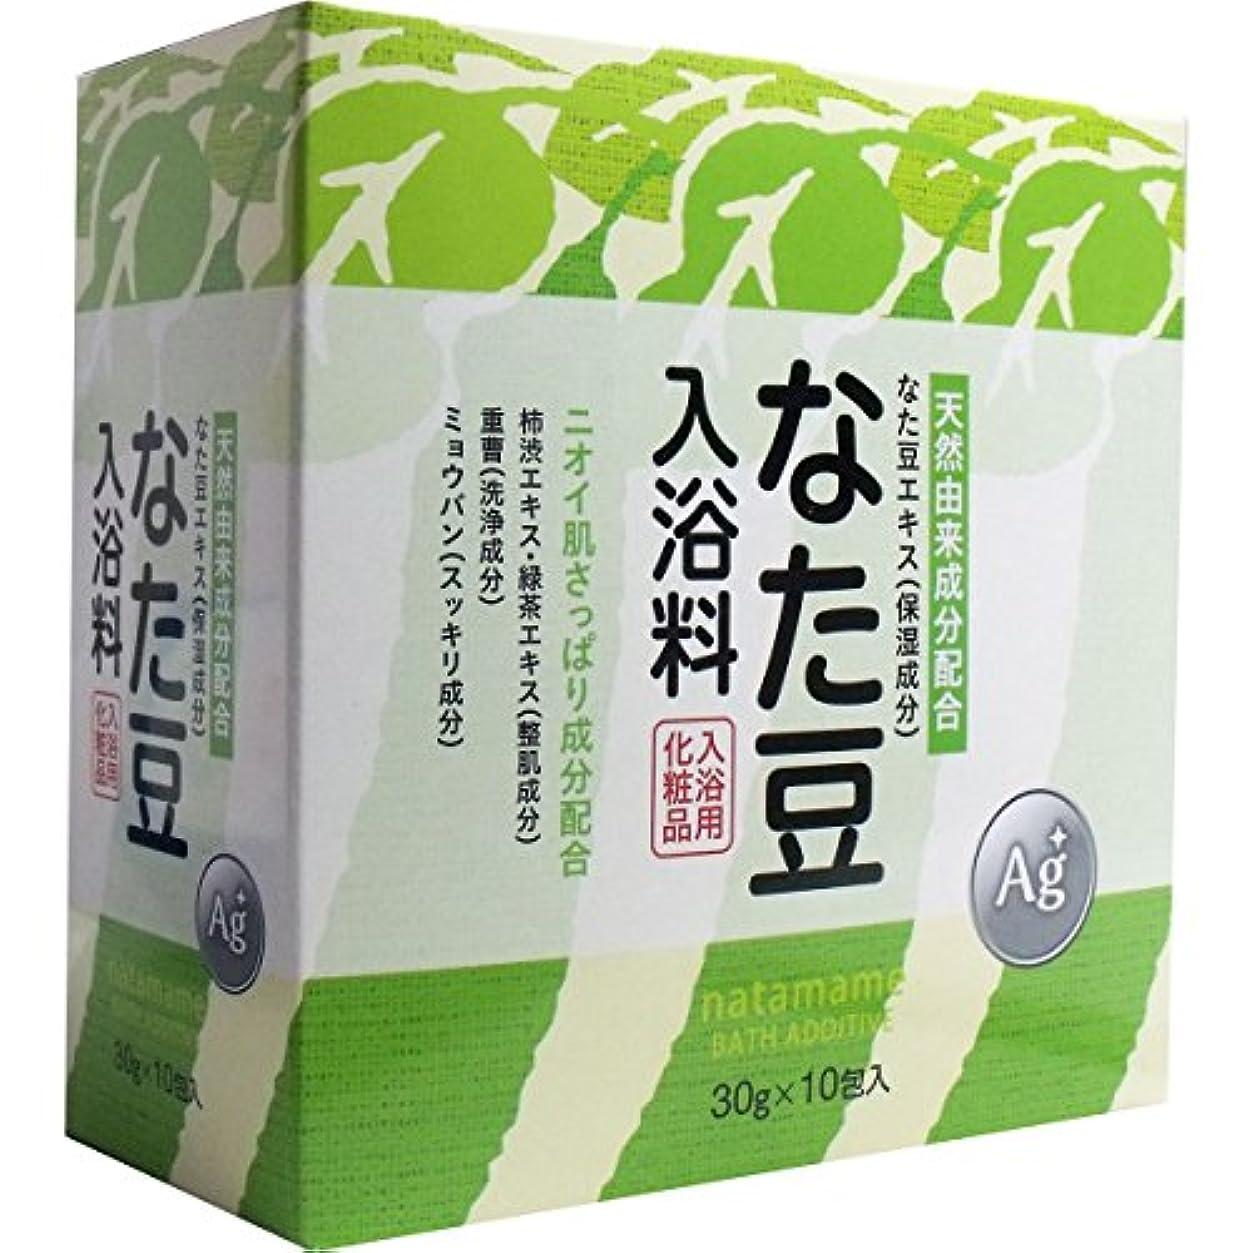 アジア人辛な運ぶなた豆入浴料 入浴用化粧品 30g×10包入×10